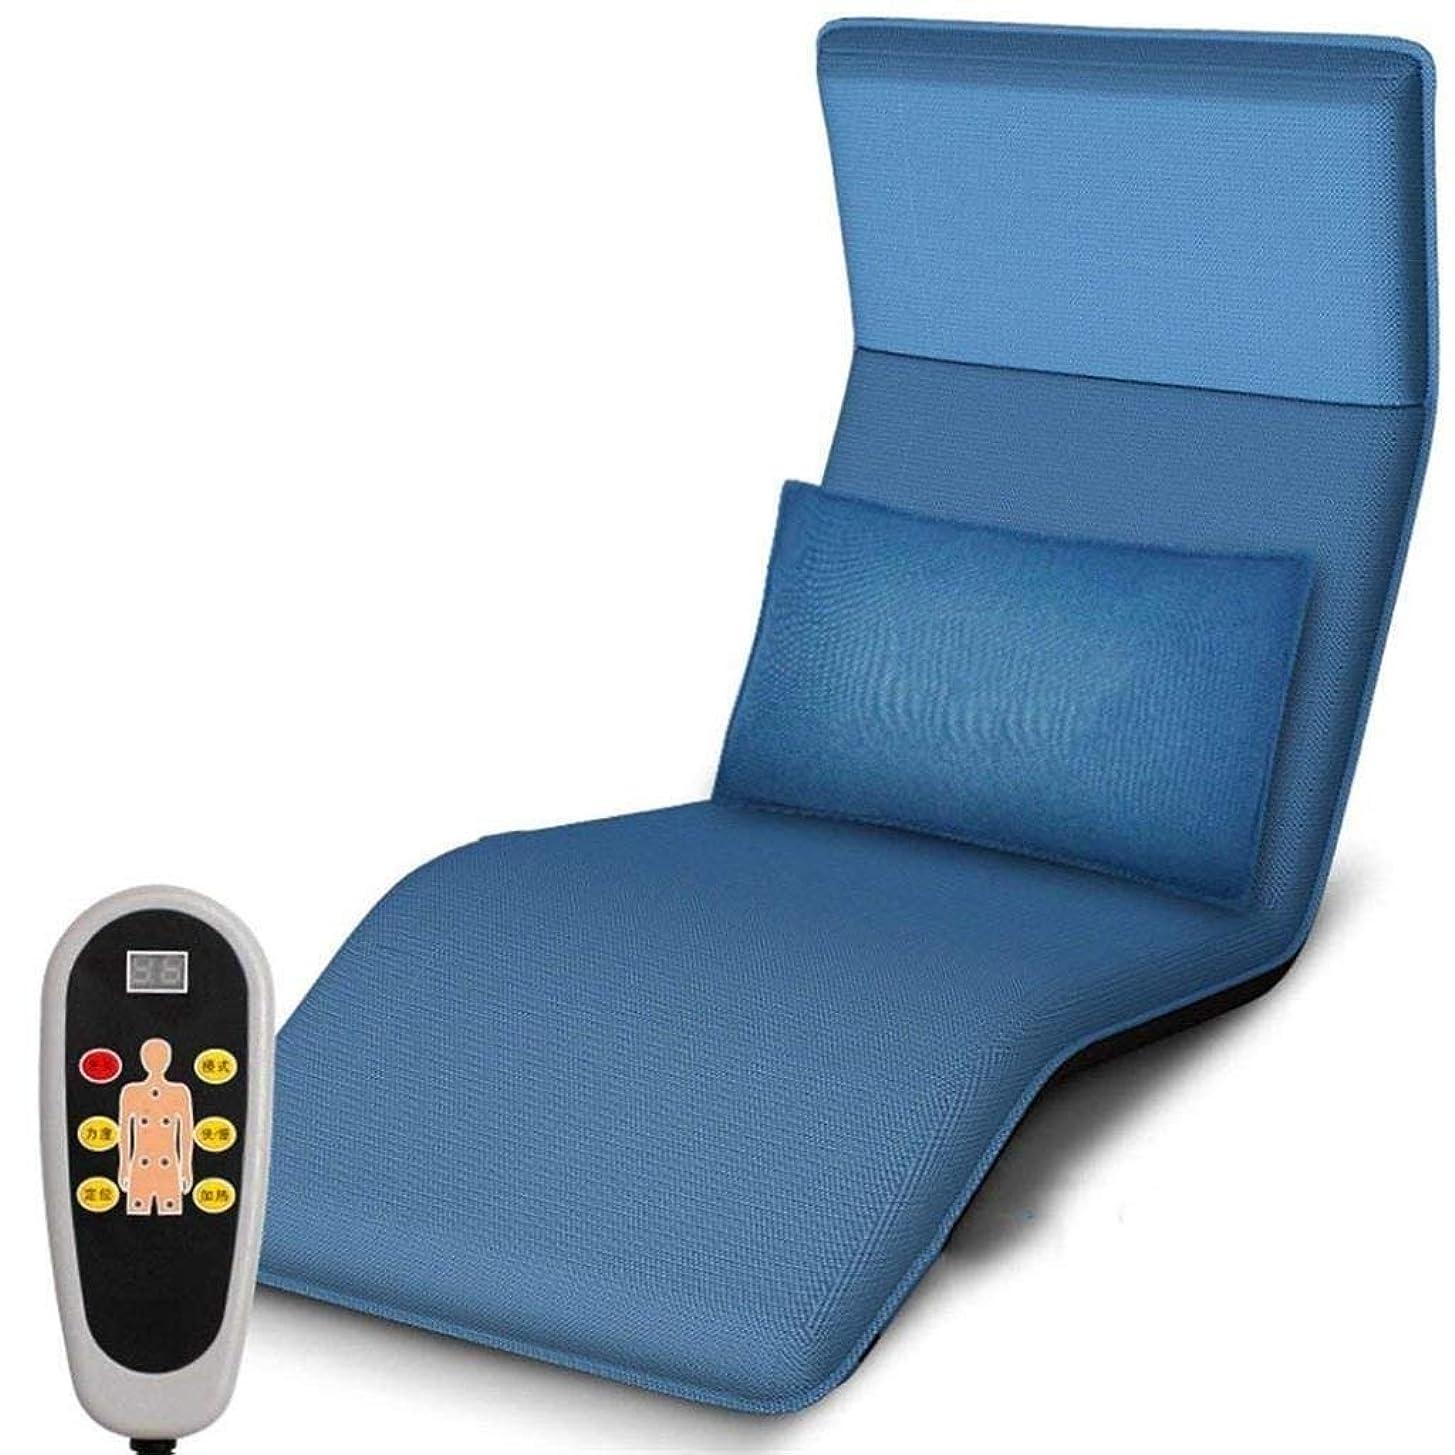 電動マッサージクッション、全身赤外線マッサージクッション、加熱/指圧ディープニーディング、角度調節可能なマッサージクッション、振動マッサージフルバック、痛み/圧力軽減175 * 54cm